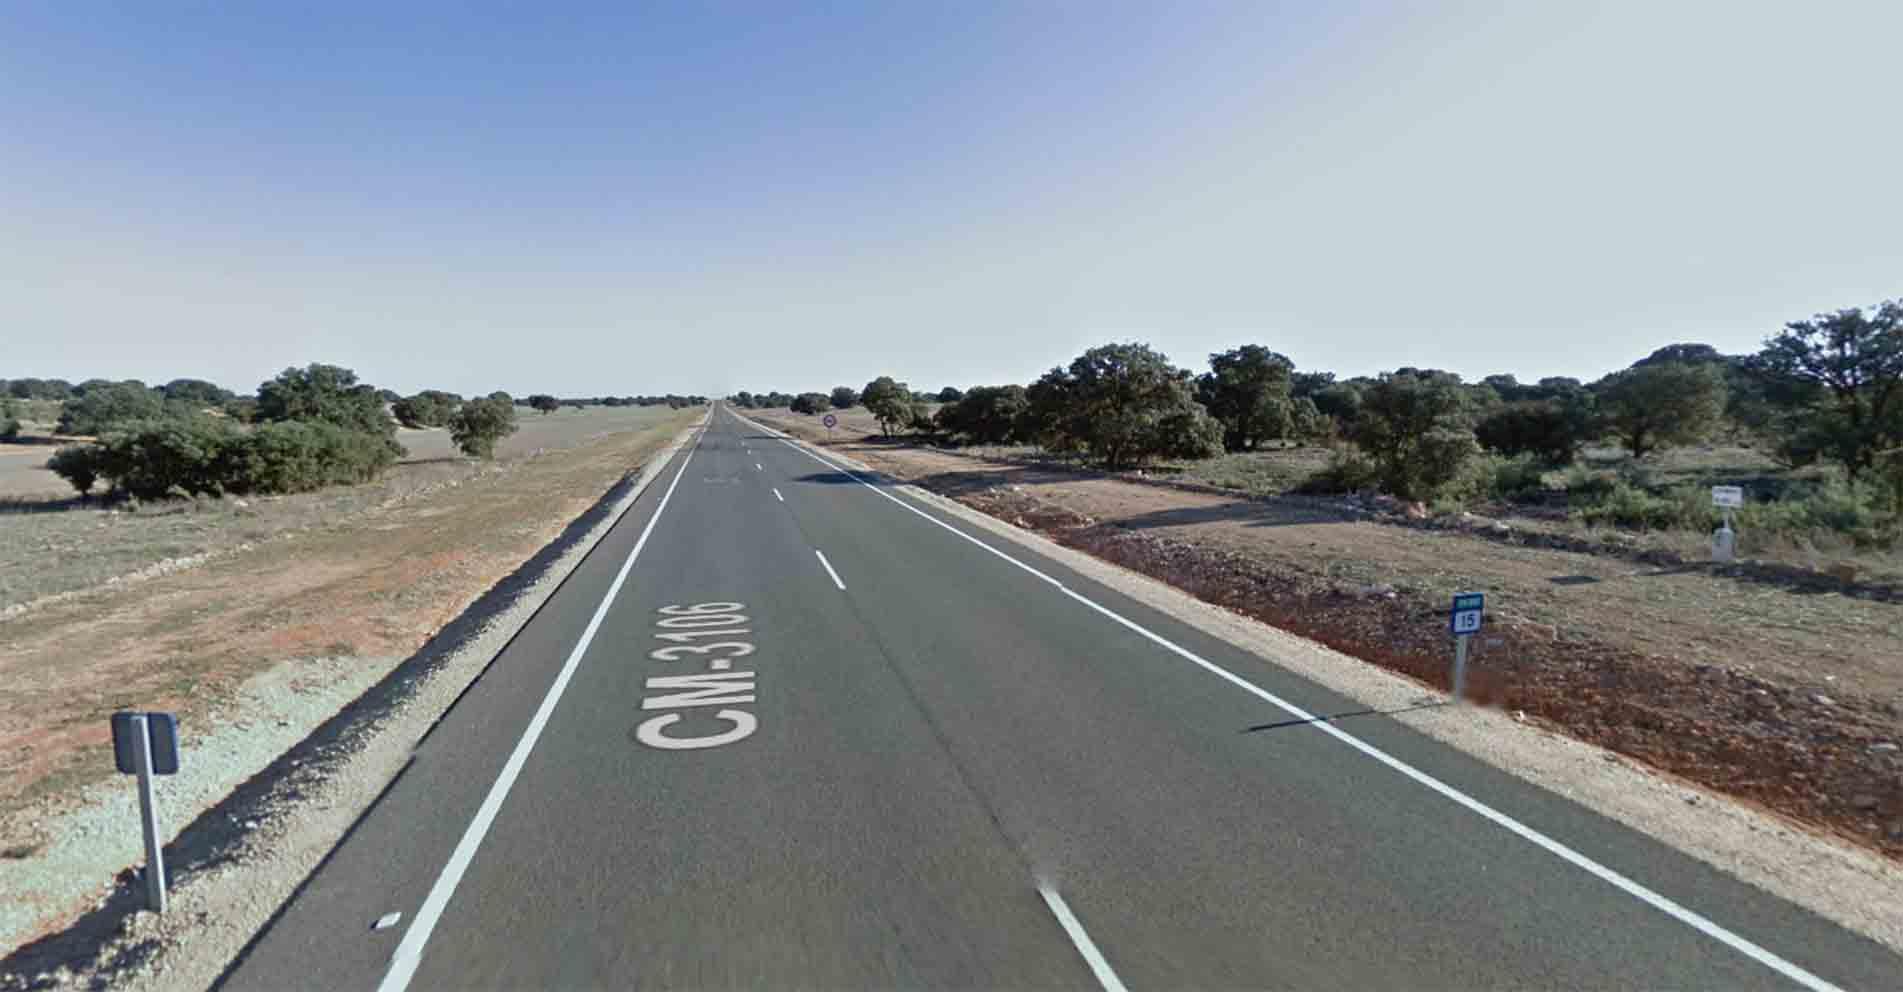 Punto kilométrico 15 de la CM-3106, entre La Roda y Munera. Cerca del lugar donde se ha producido el accidente mortal de La Roda Foto: Google Maps.